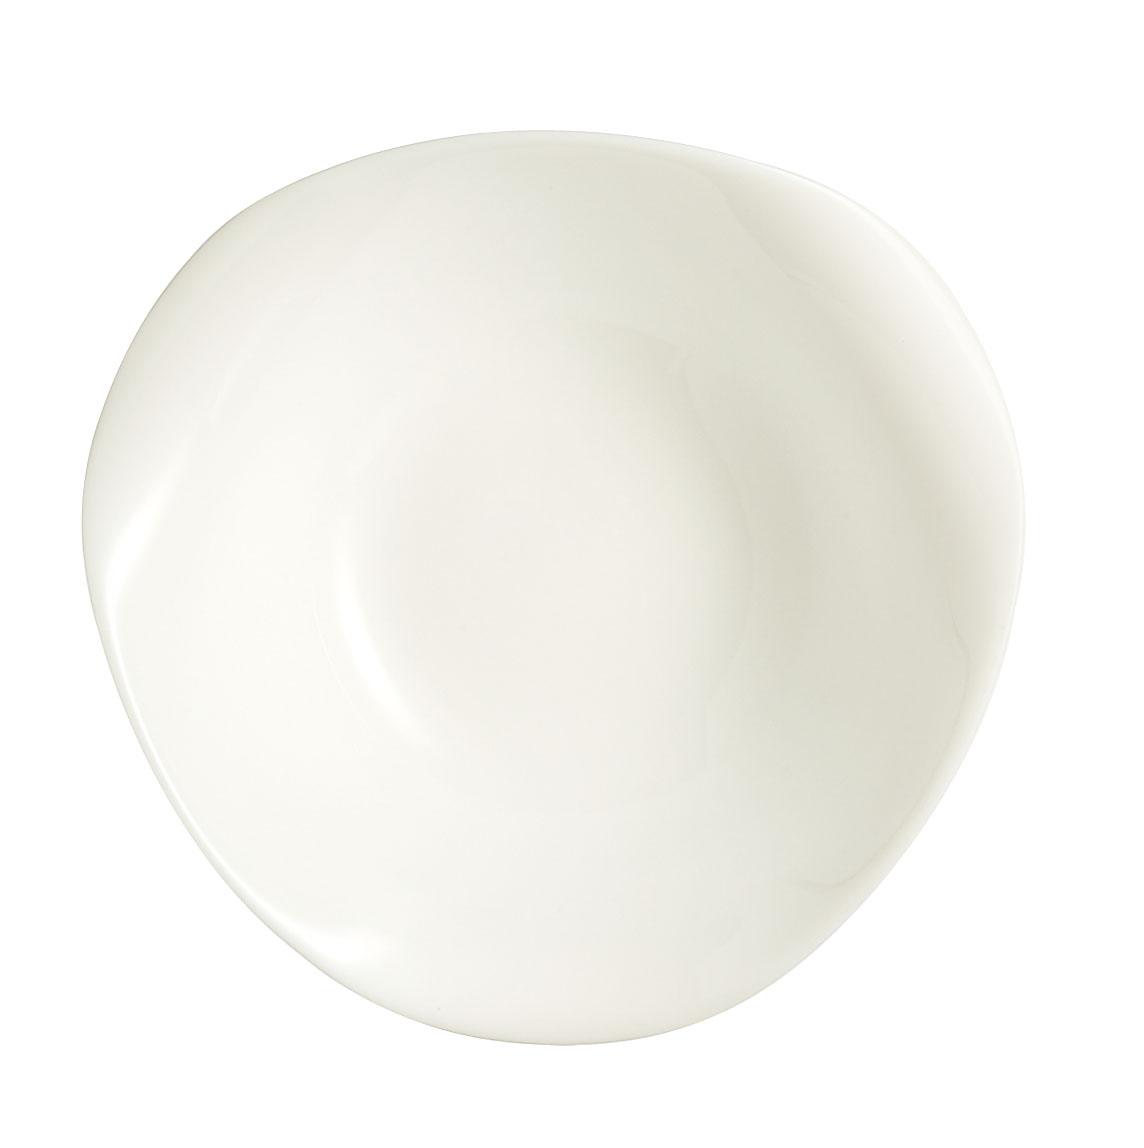 Салатник Luminarc Volare, 16 х 16 см115610Салатник Luminarc Volare выполнен из высококачественного стекла. Изделие сочетает в себе изысканный дизайн с максимальной функциональностью. Он прекрасно впишется в интерьер вашей кухни и станет достойным дополнением к кухонному инвентарю. Размер салатника (по верхнему краю): 16 х 16 см.